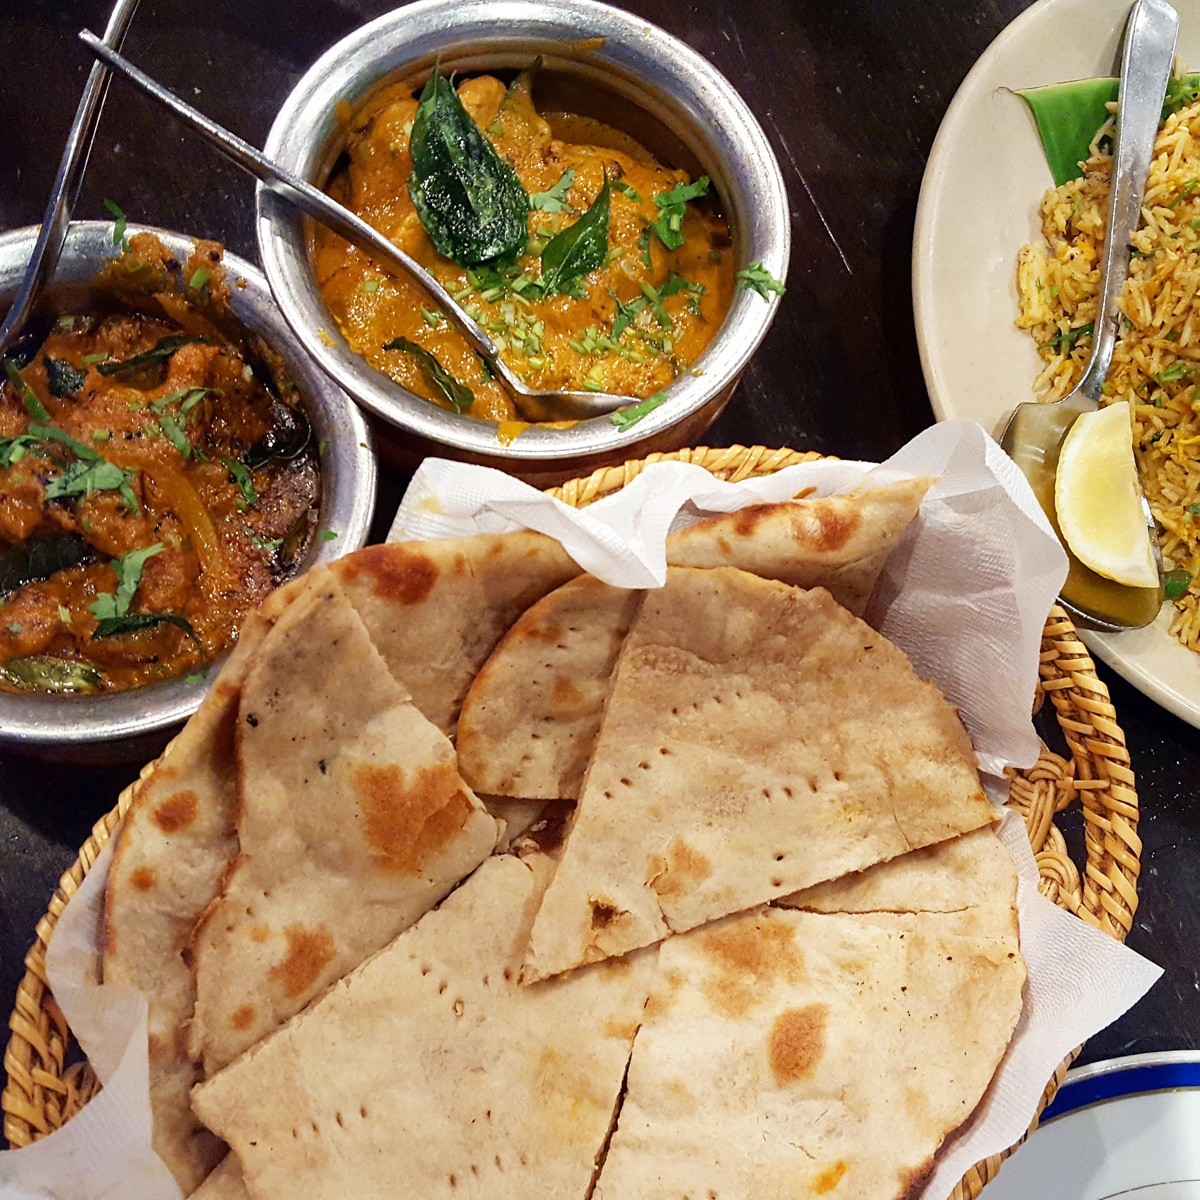 ダバ・インディアは東京を代表する南インド料理店といえる